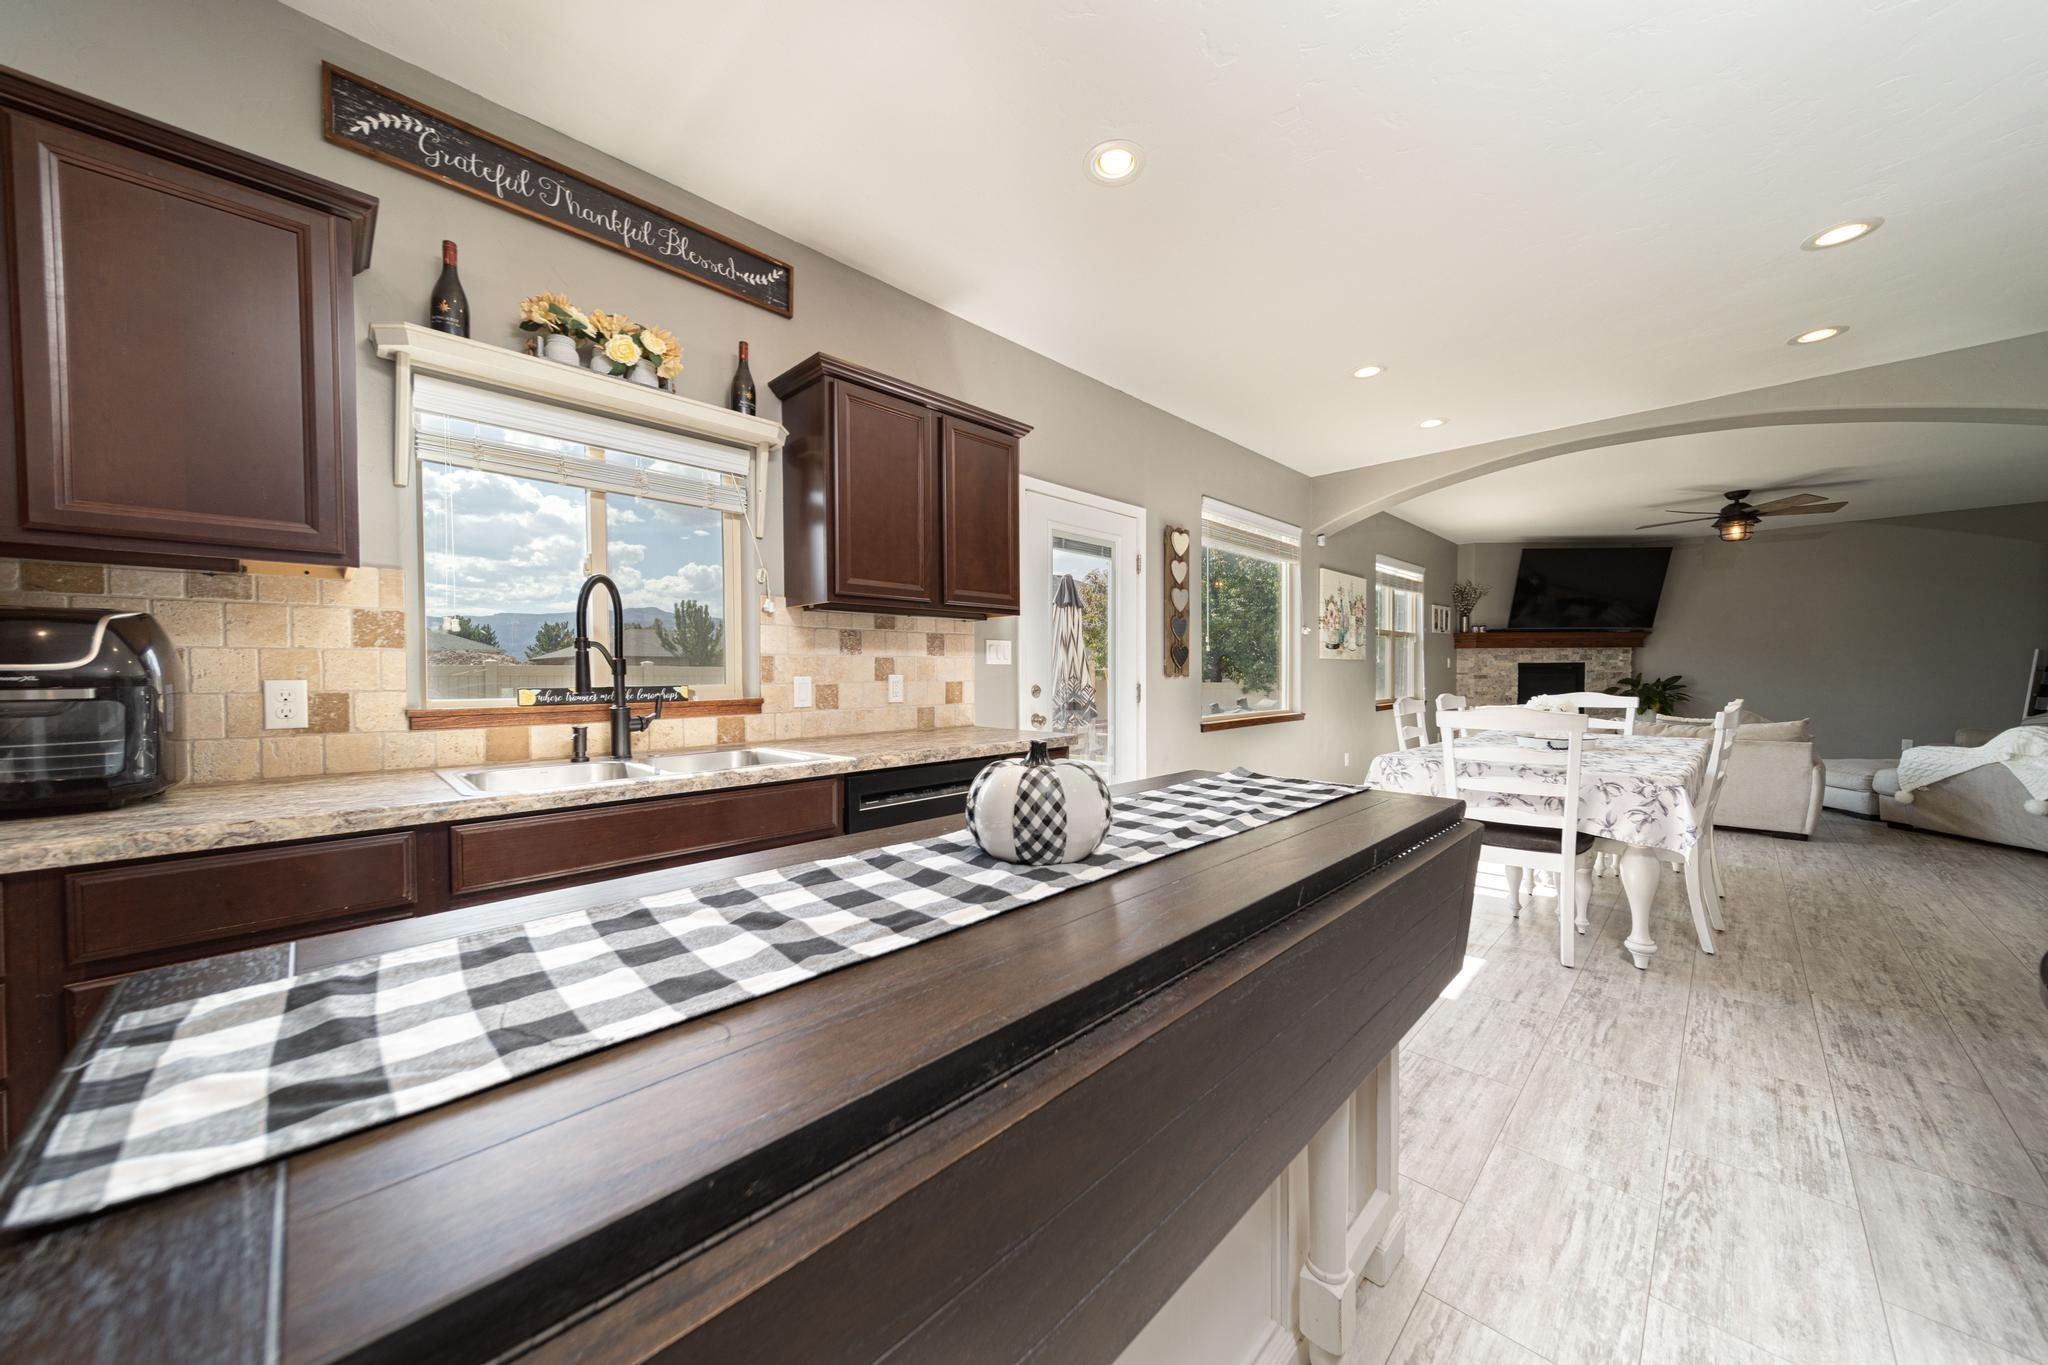 1460 Catalina Avenue Property Photo 14